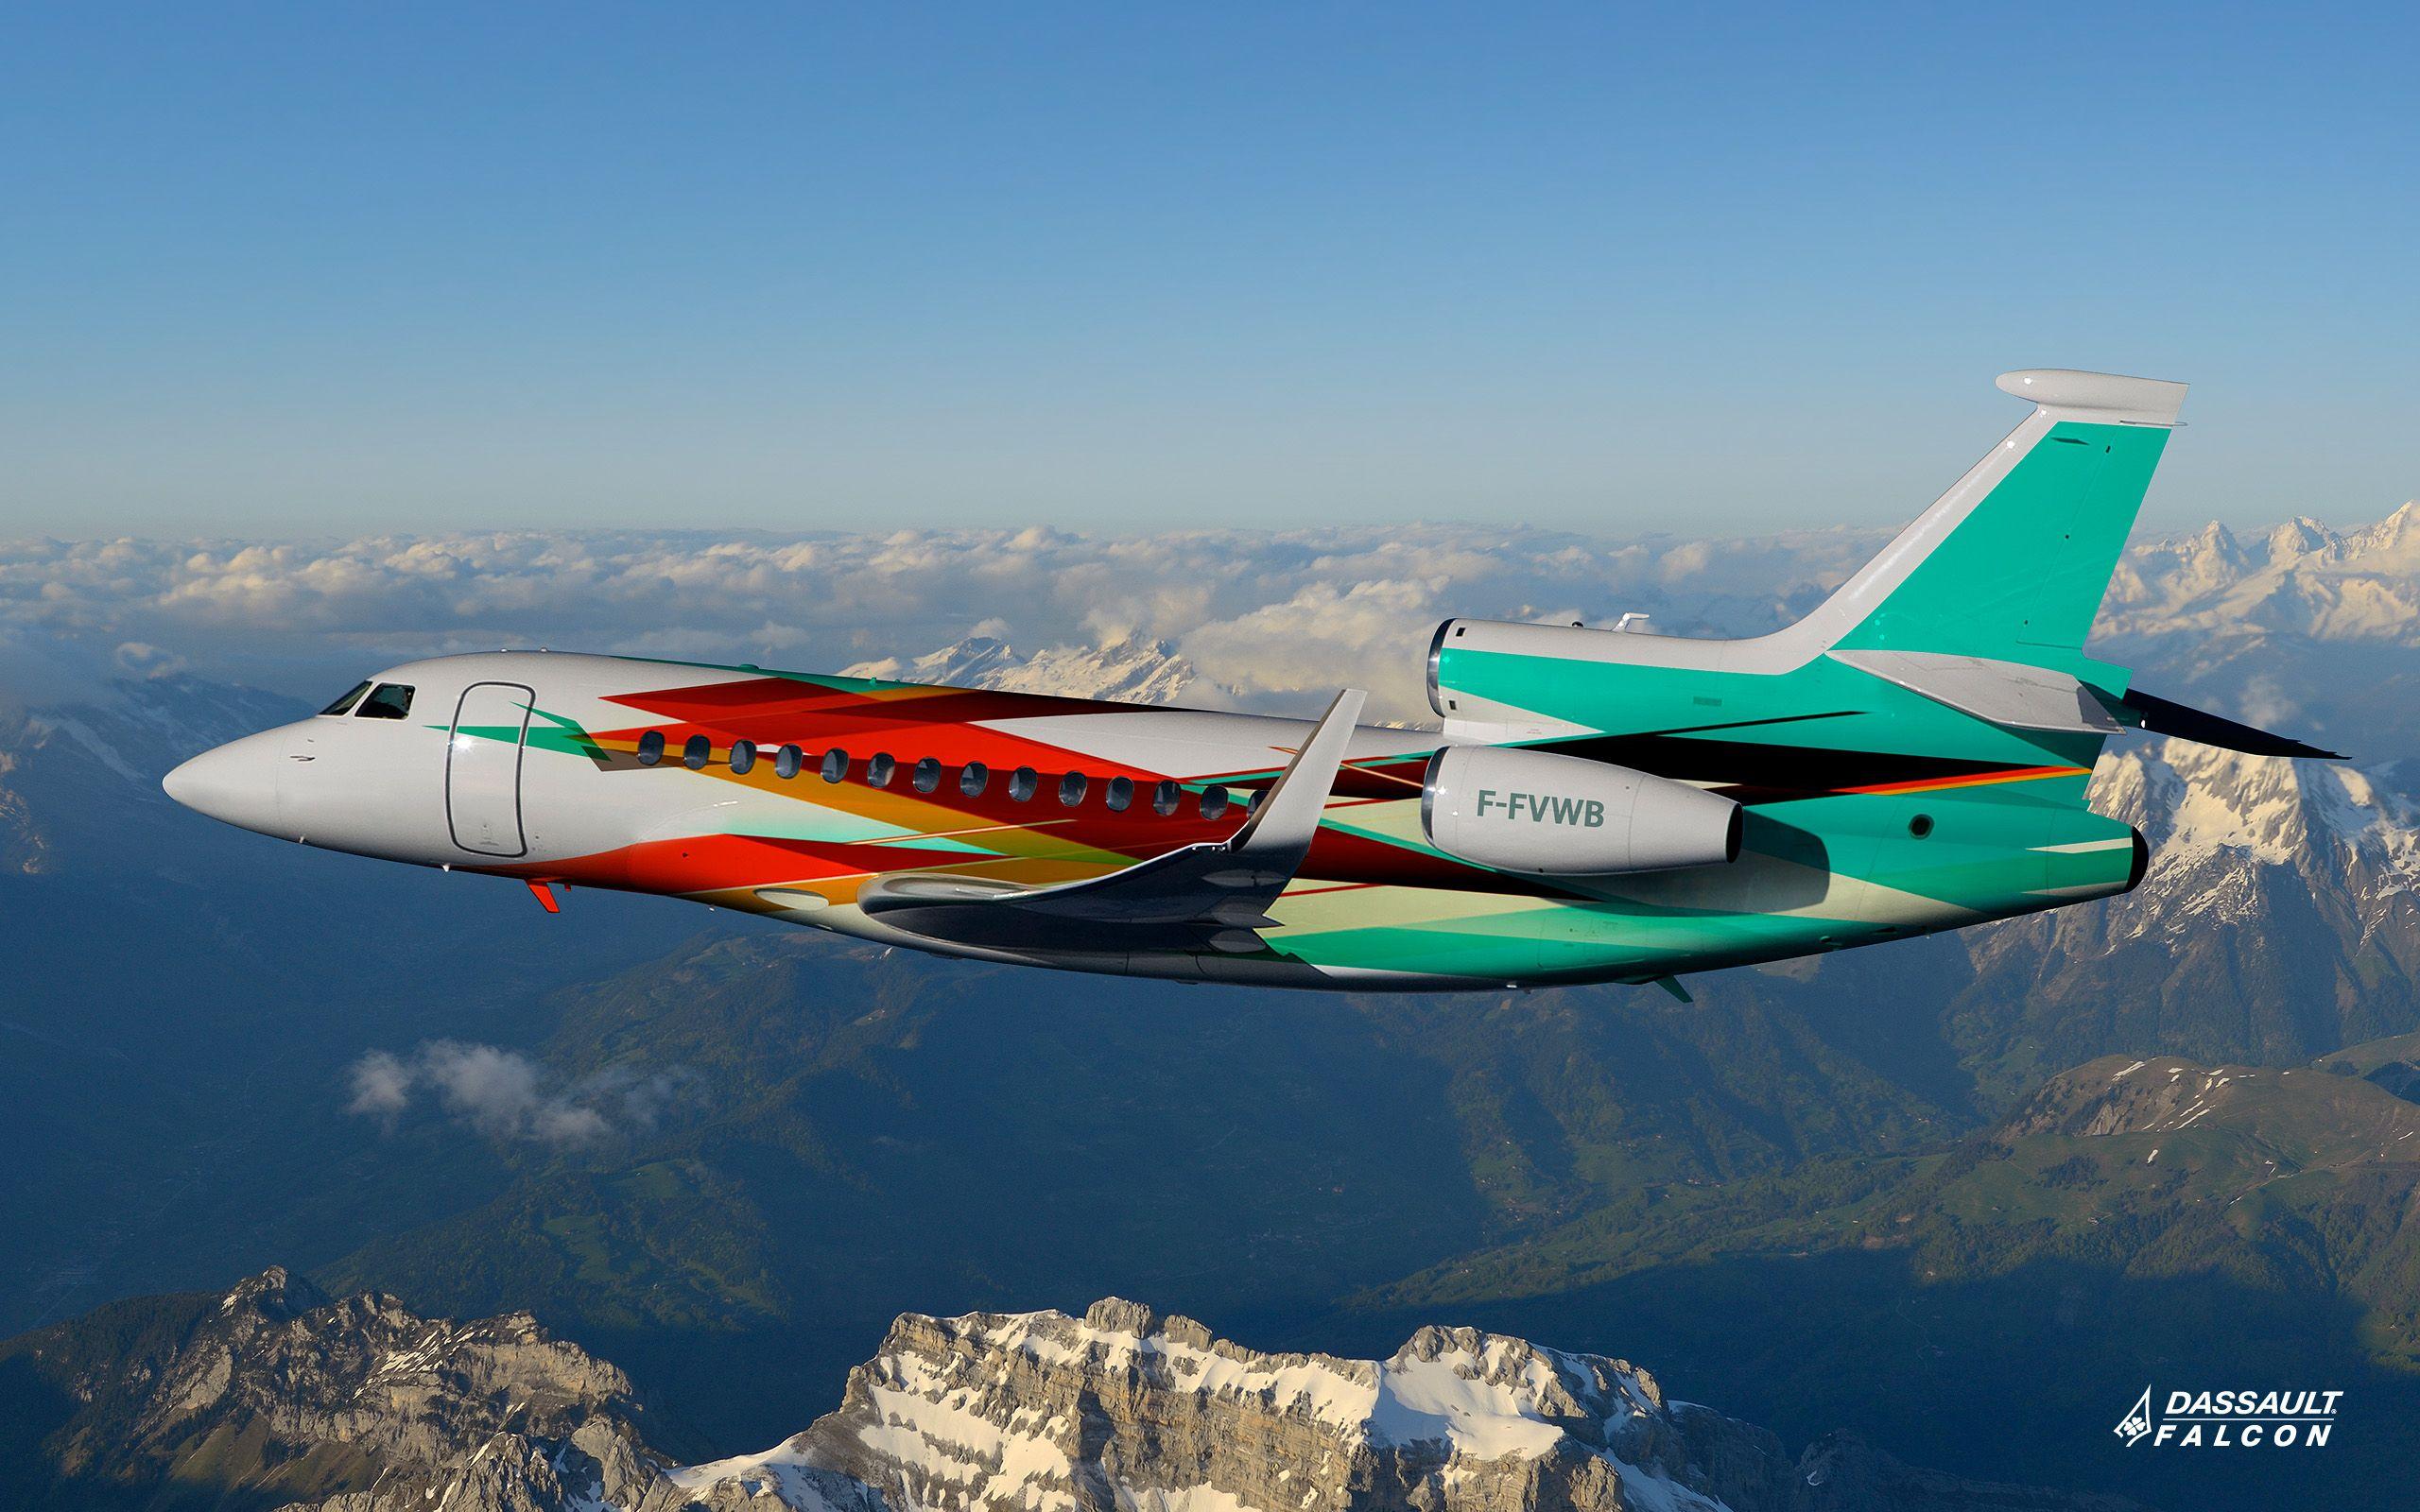 Dassault Falcon 7x F Fvwb Business Jet Crew 2 Pilots